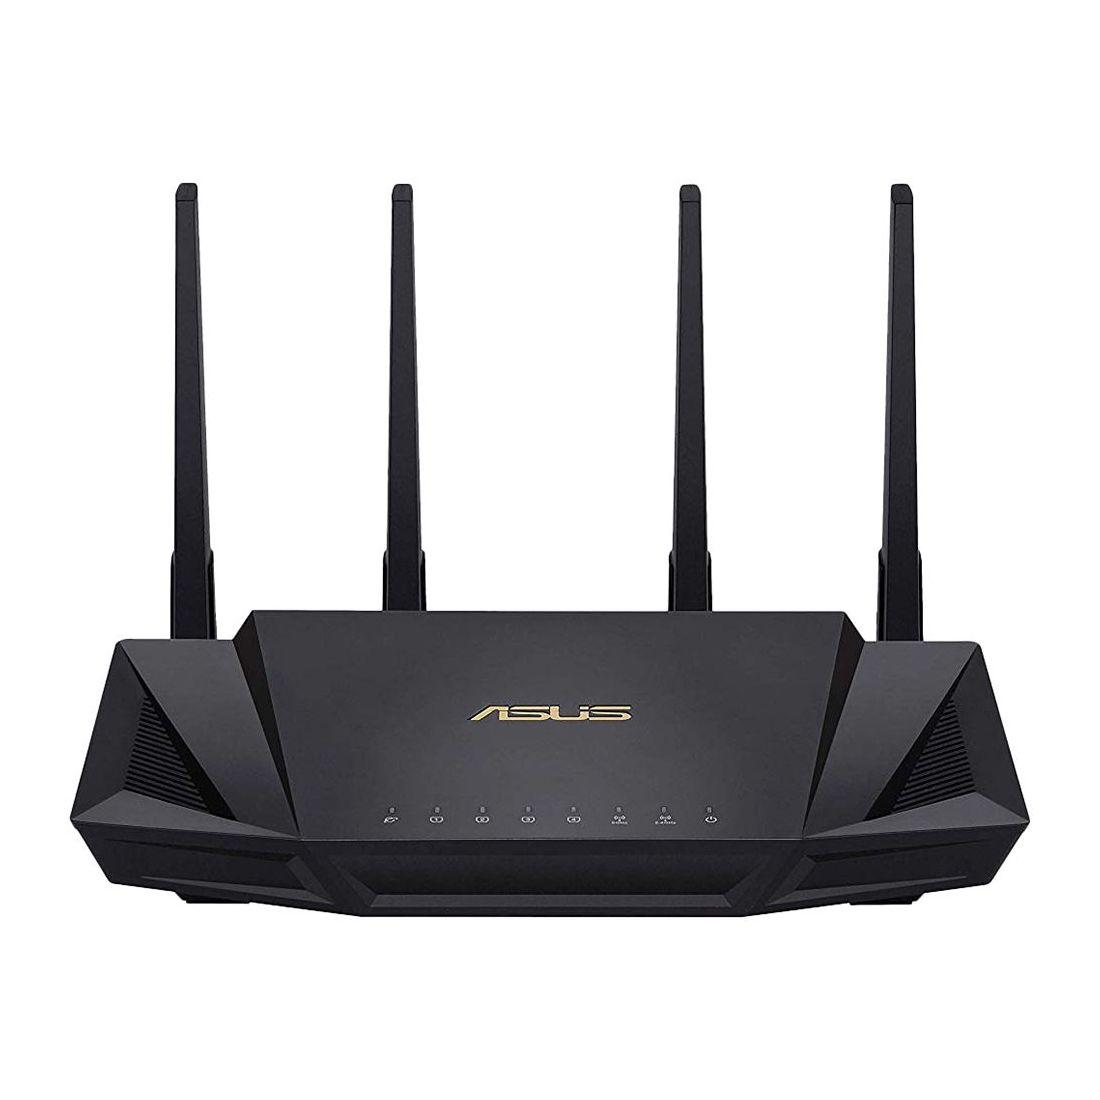 ASUS RT-AX58U AX3000 Dual Band Wi-Fi 6 802.11AX Router